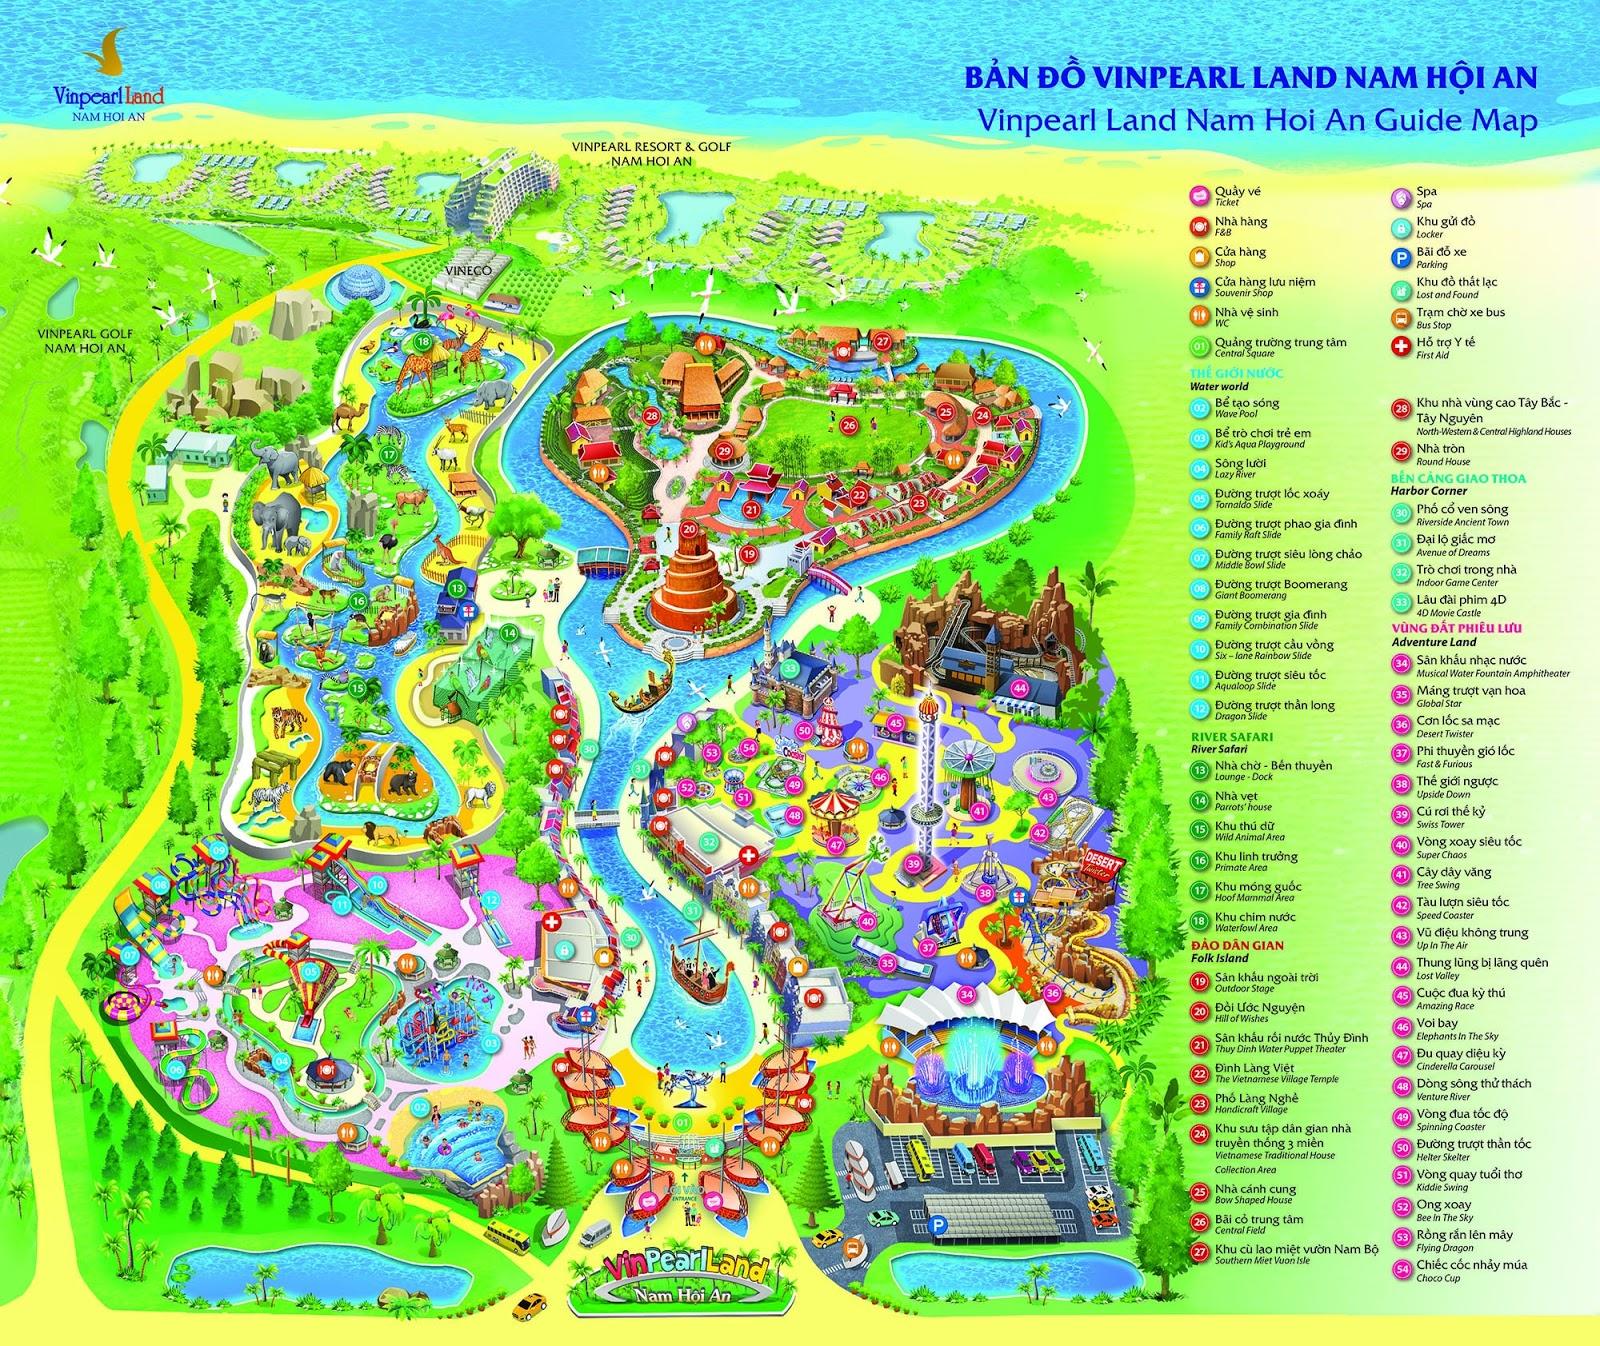 Bản đồ tham quan Vinpearl Nam Hội An